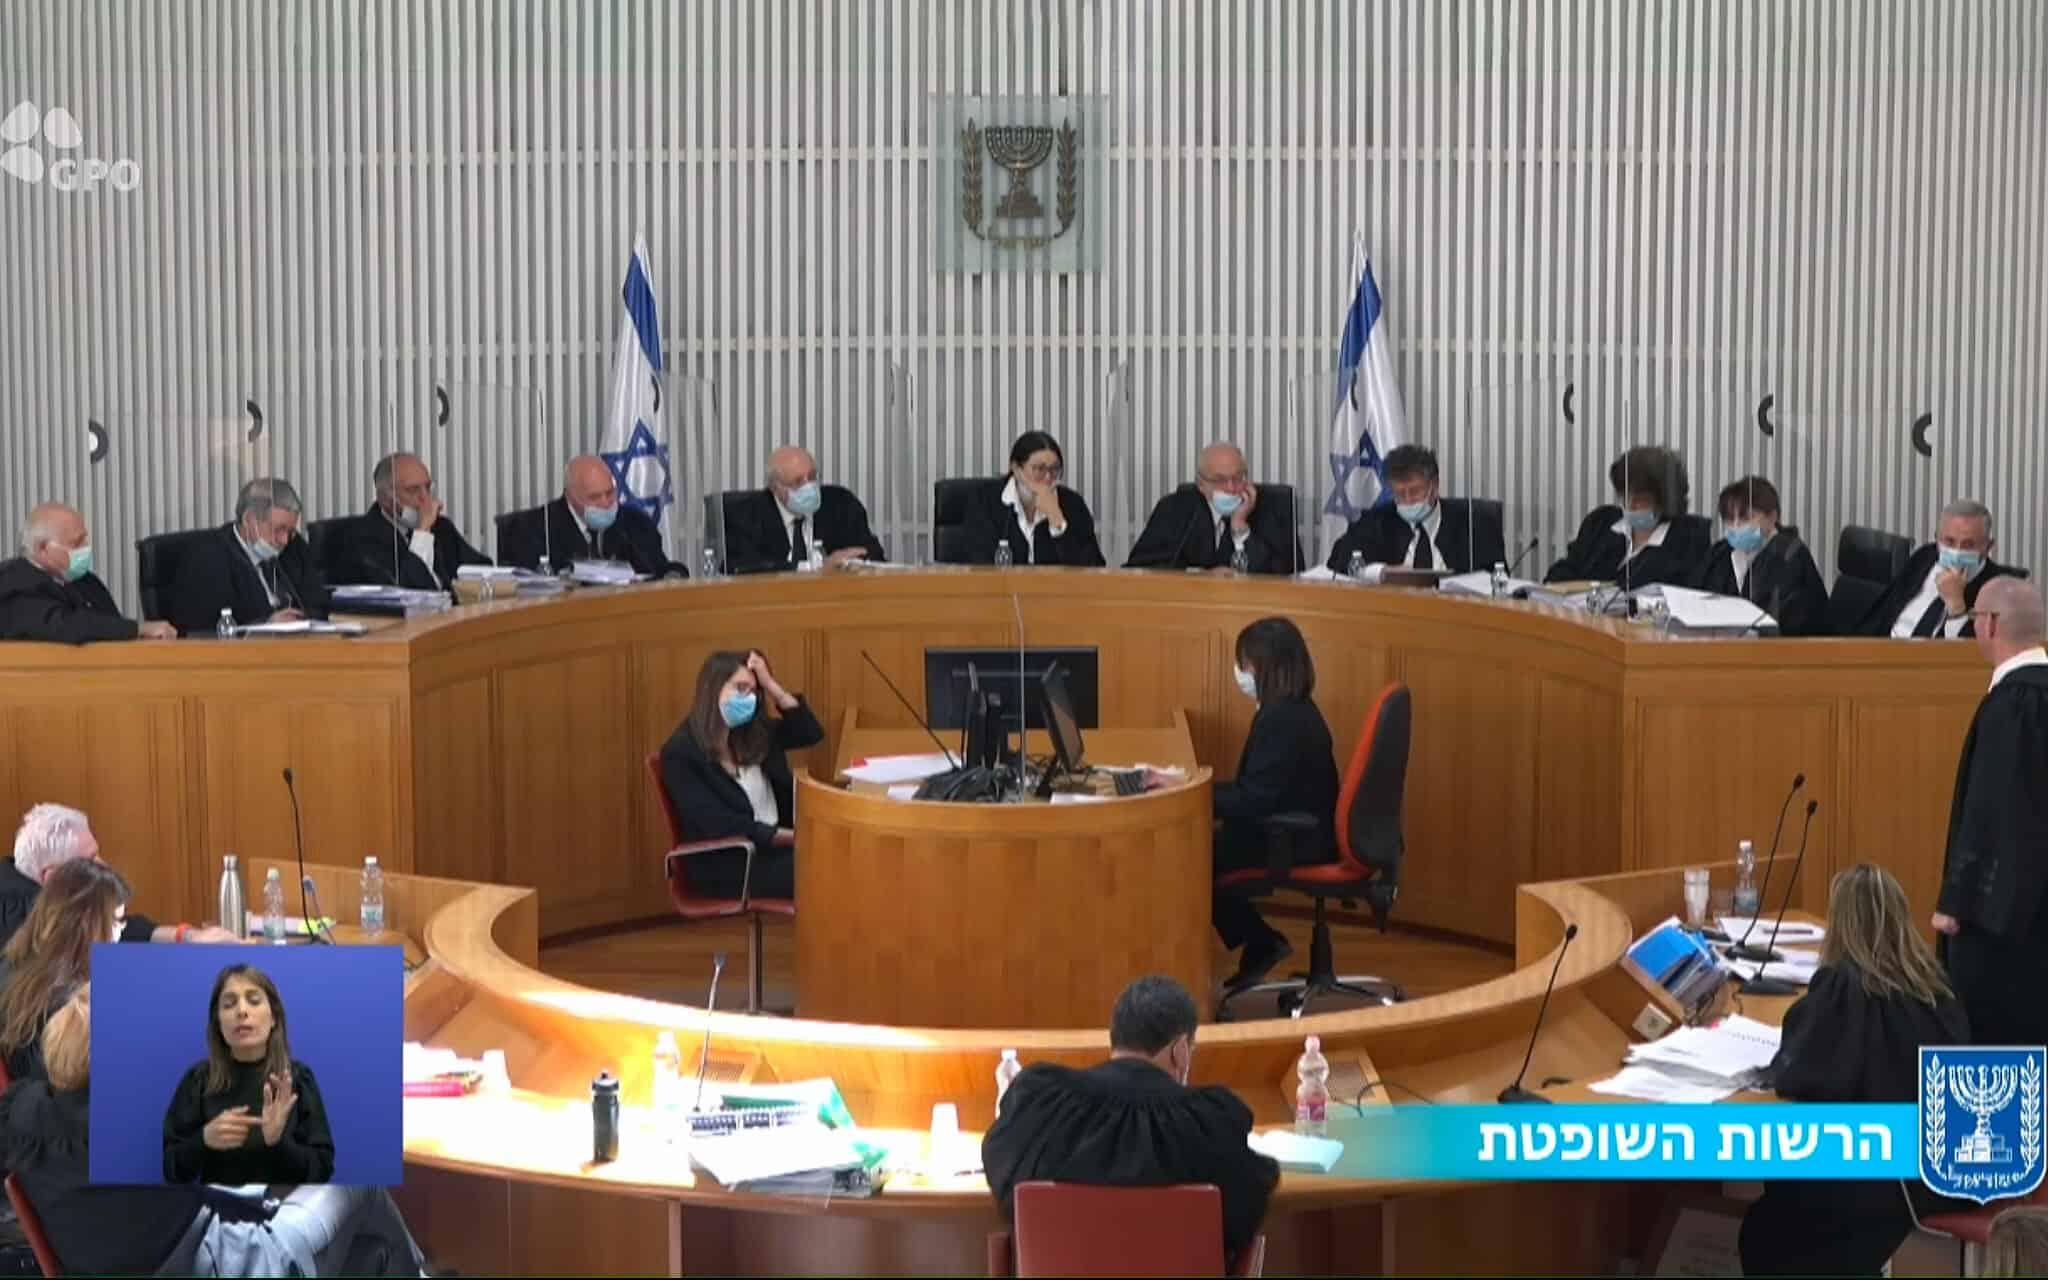 """הרכב של 11 שופטי בית המשפט העליון במהלך הדיון בבג""""ץ בעתירות נגד ההסכם הקואליציוני בין הליכוד וכחול-לבן, 4 במאי 2021 (צילום: צילום מסך, שידור הרשות השופטת)"""